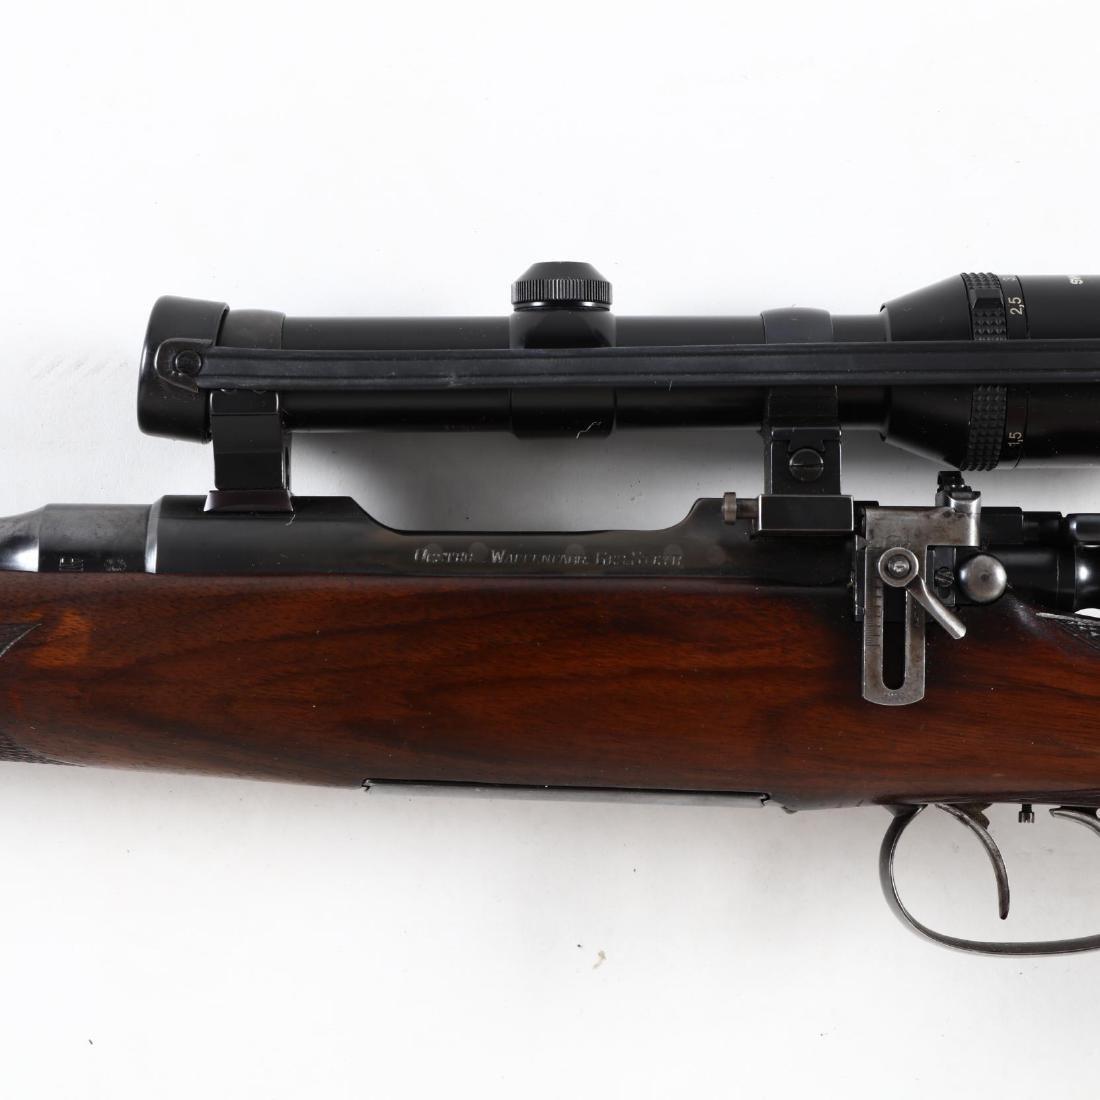 Steyr Mannlicher Schoenauer Sporting Rifle - 7